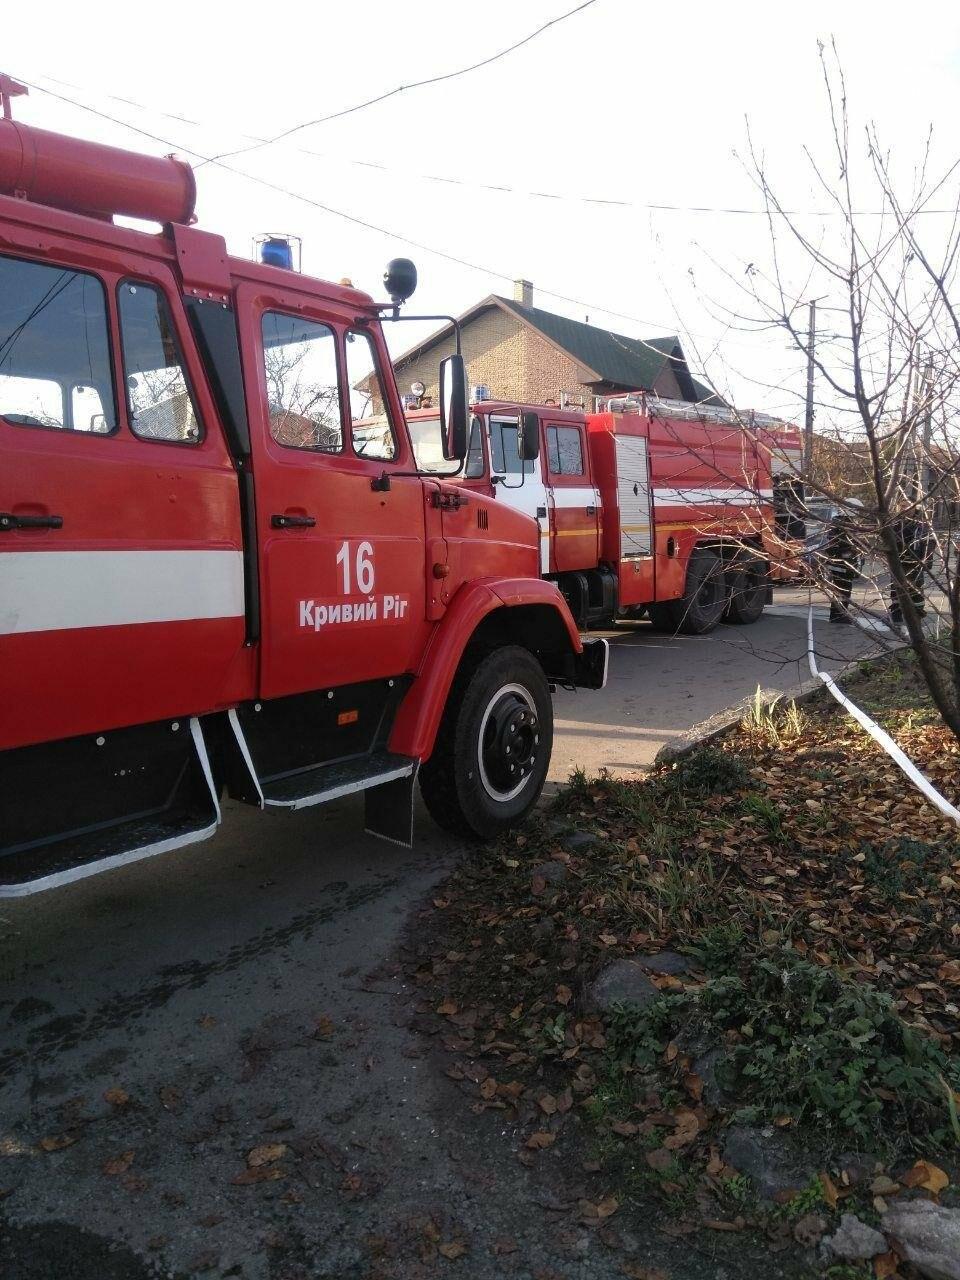 Машина, гараж, крыша летней кухни сгорели в результате пожара в Кривом Роге, - ФОТО  , фото-7